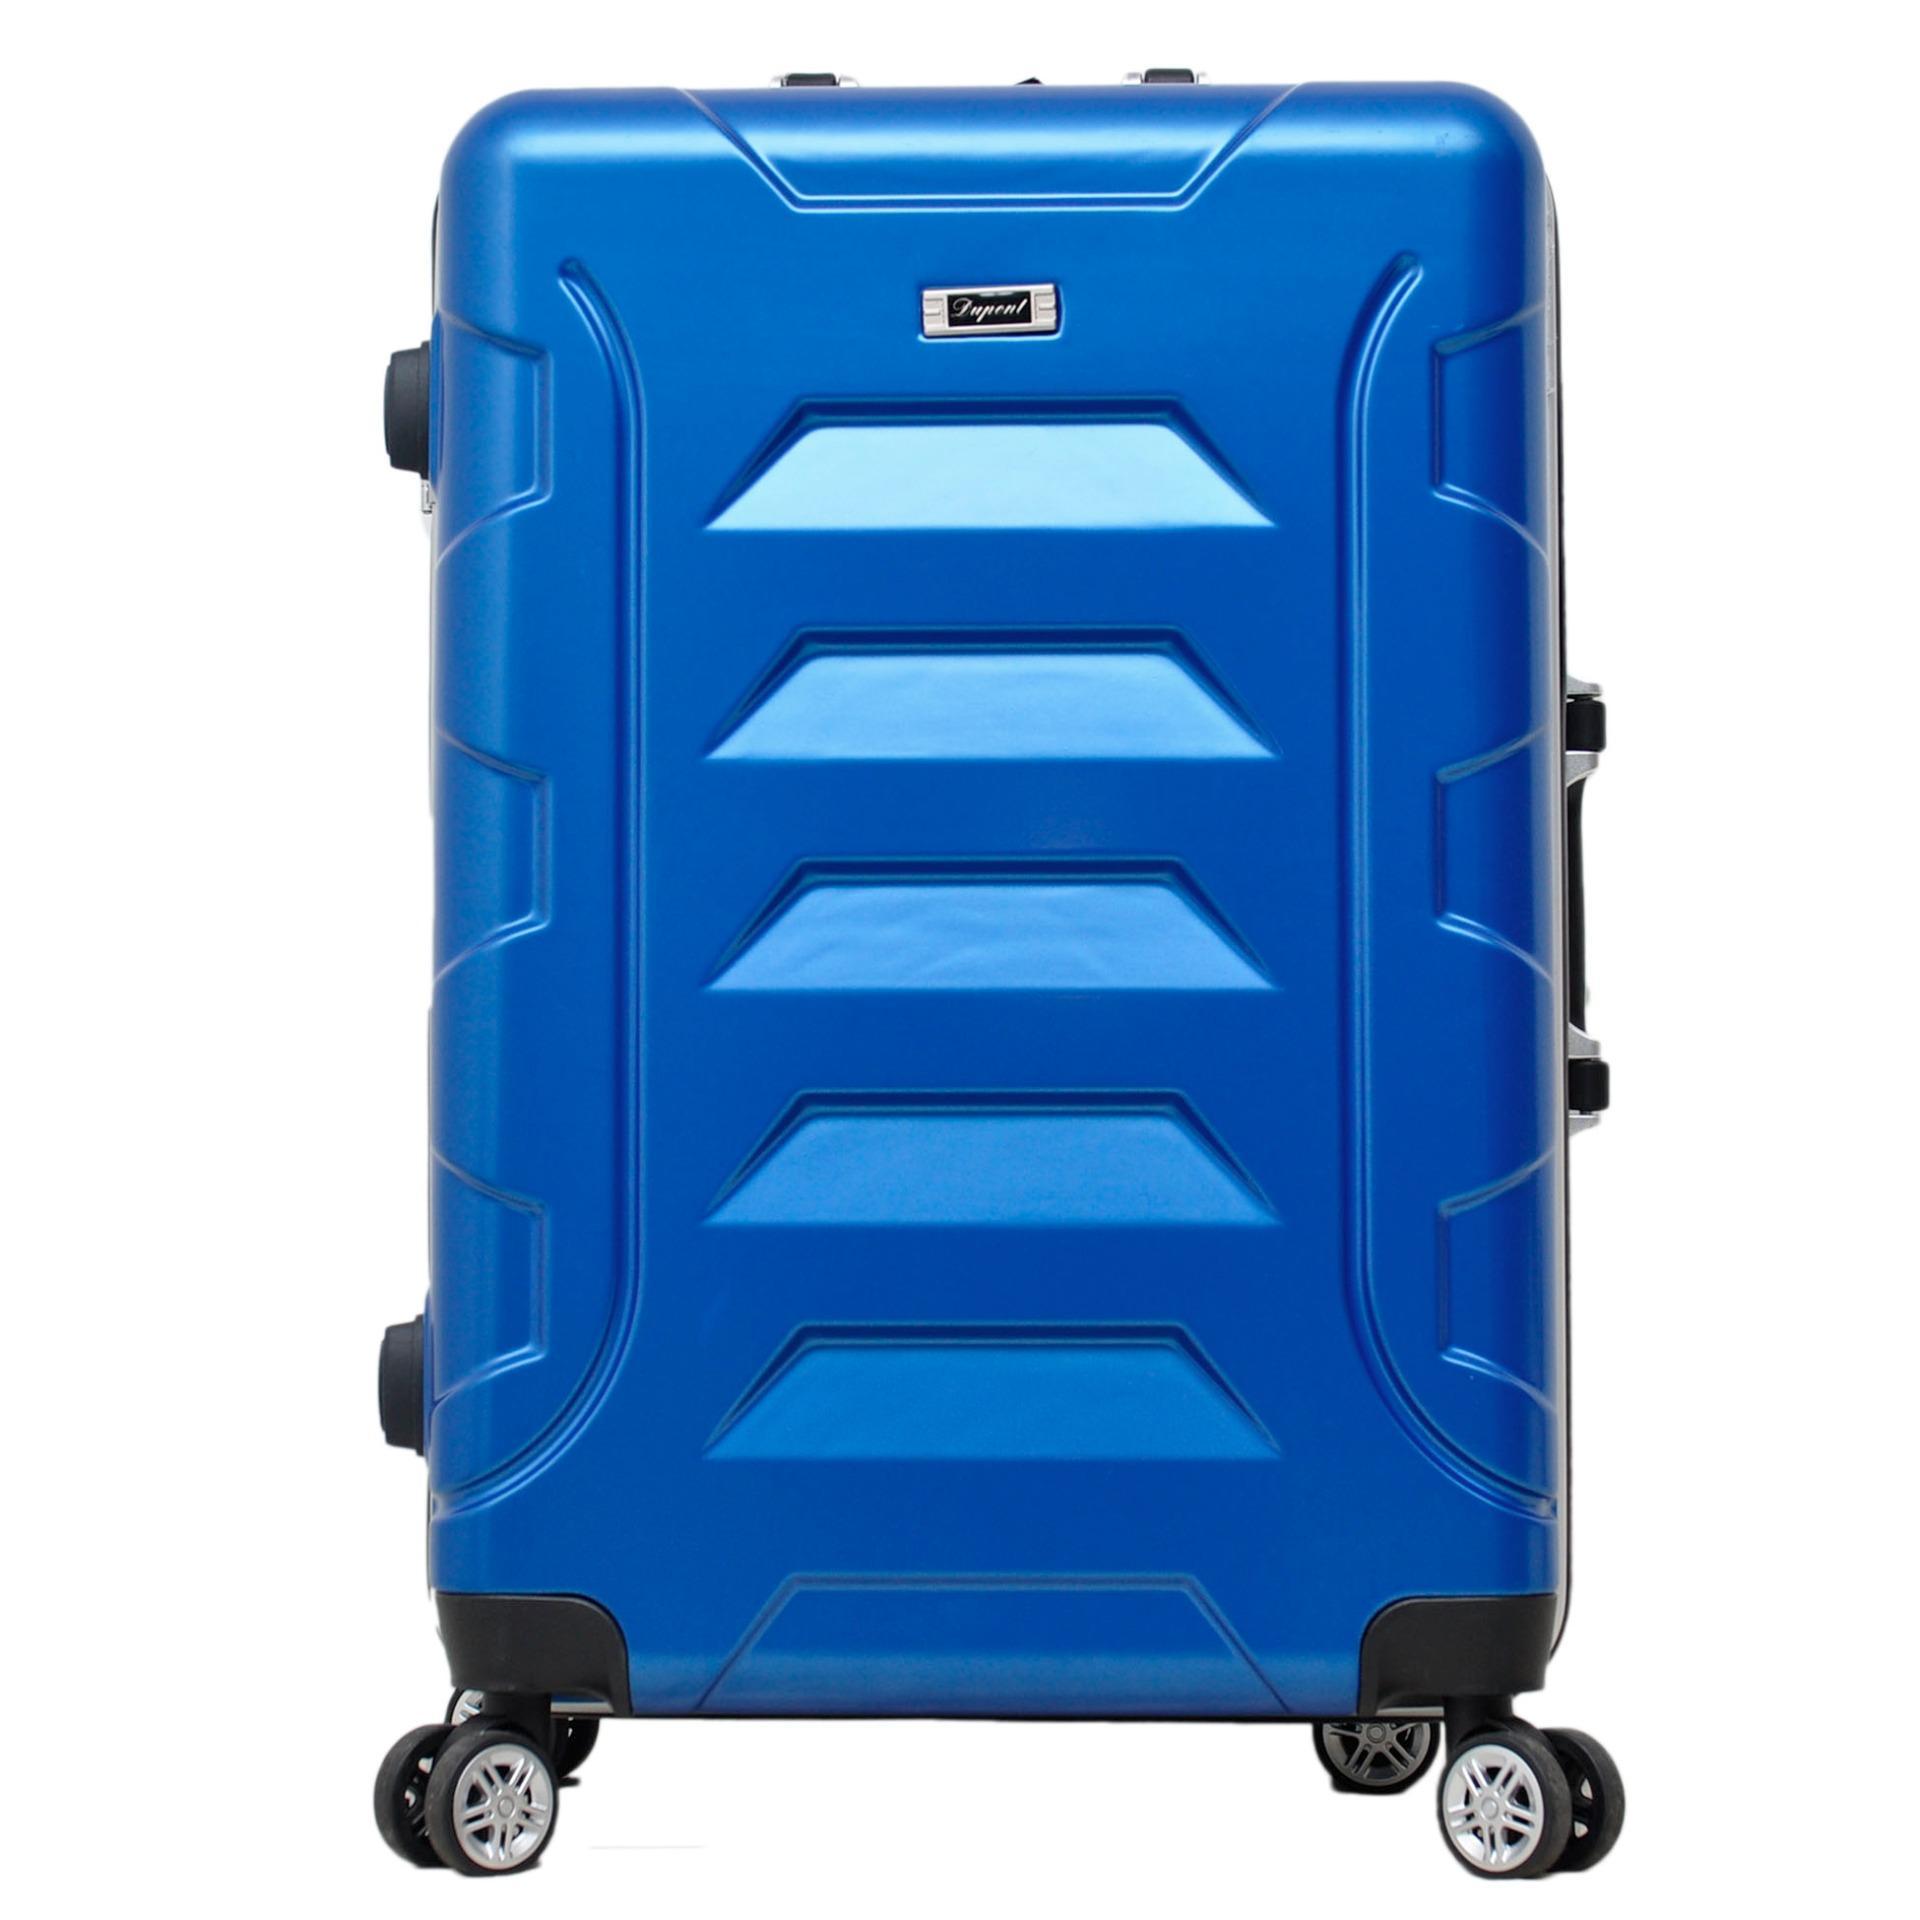 Promo Toko Dupont Koper Hardcase No Zipper Size 24 Inch 8771 Biru